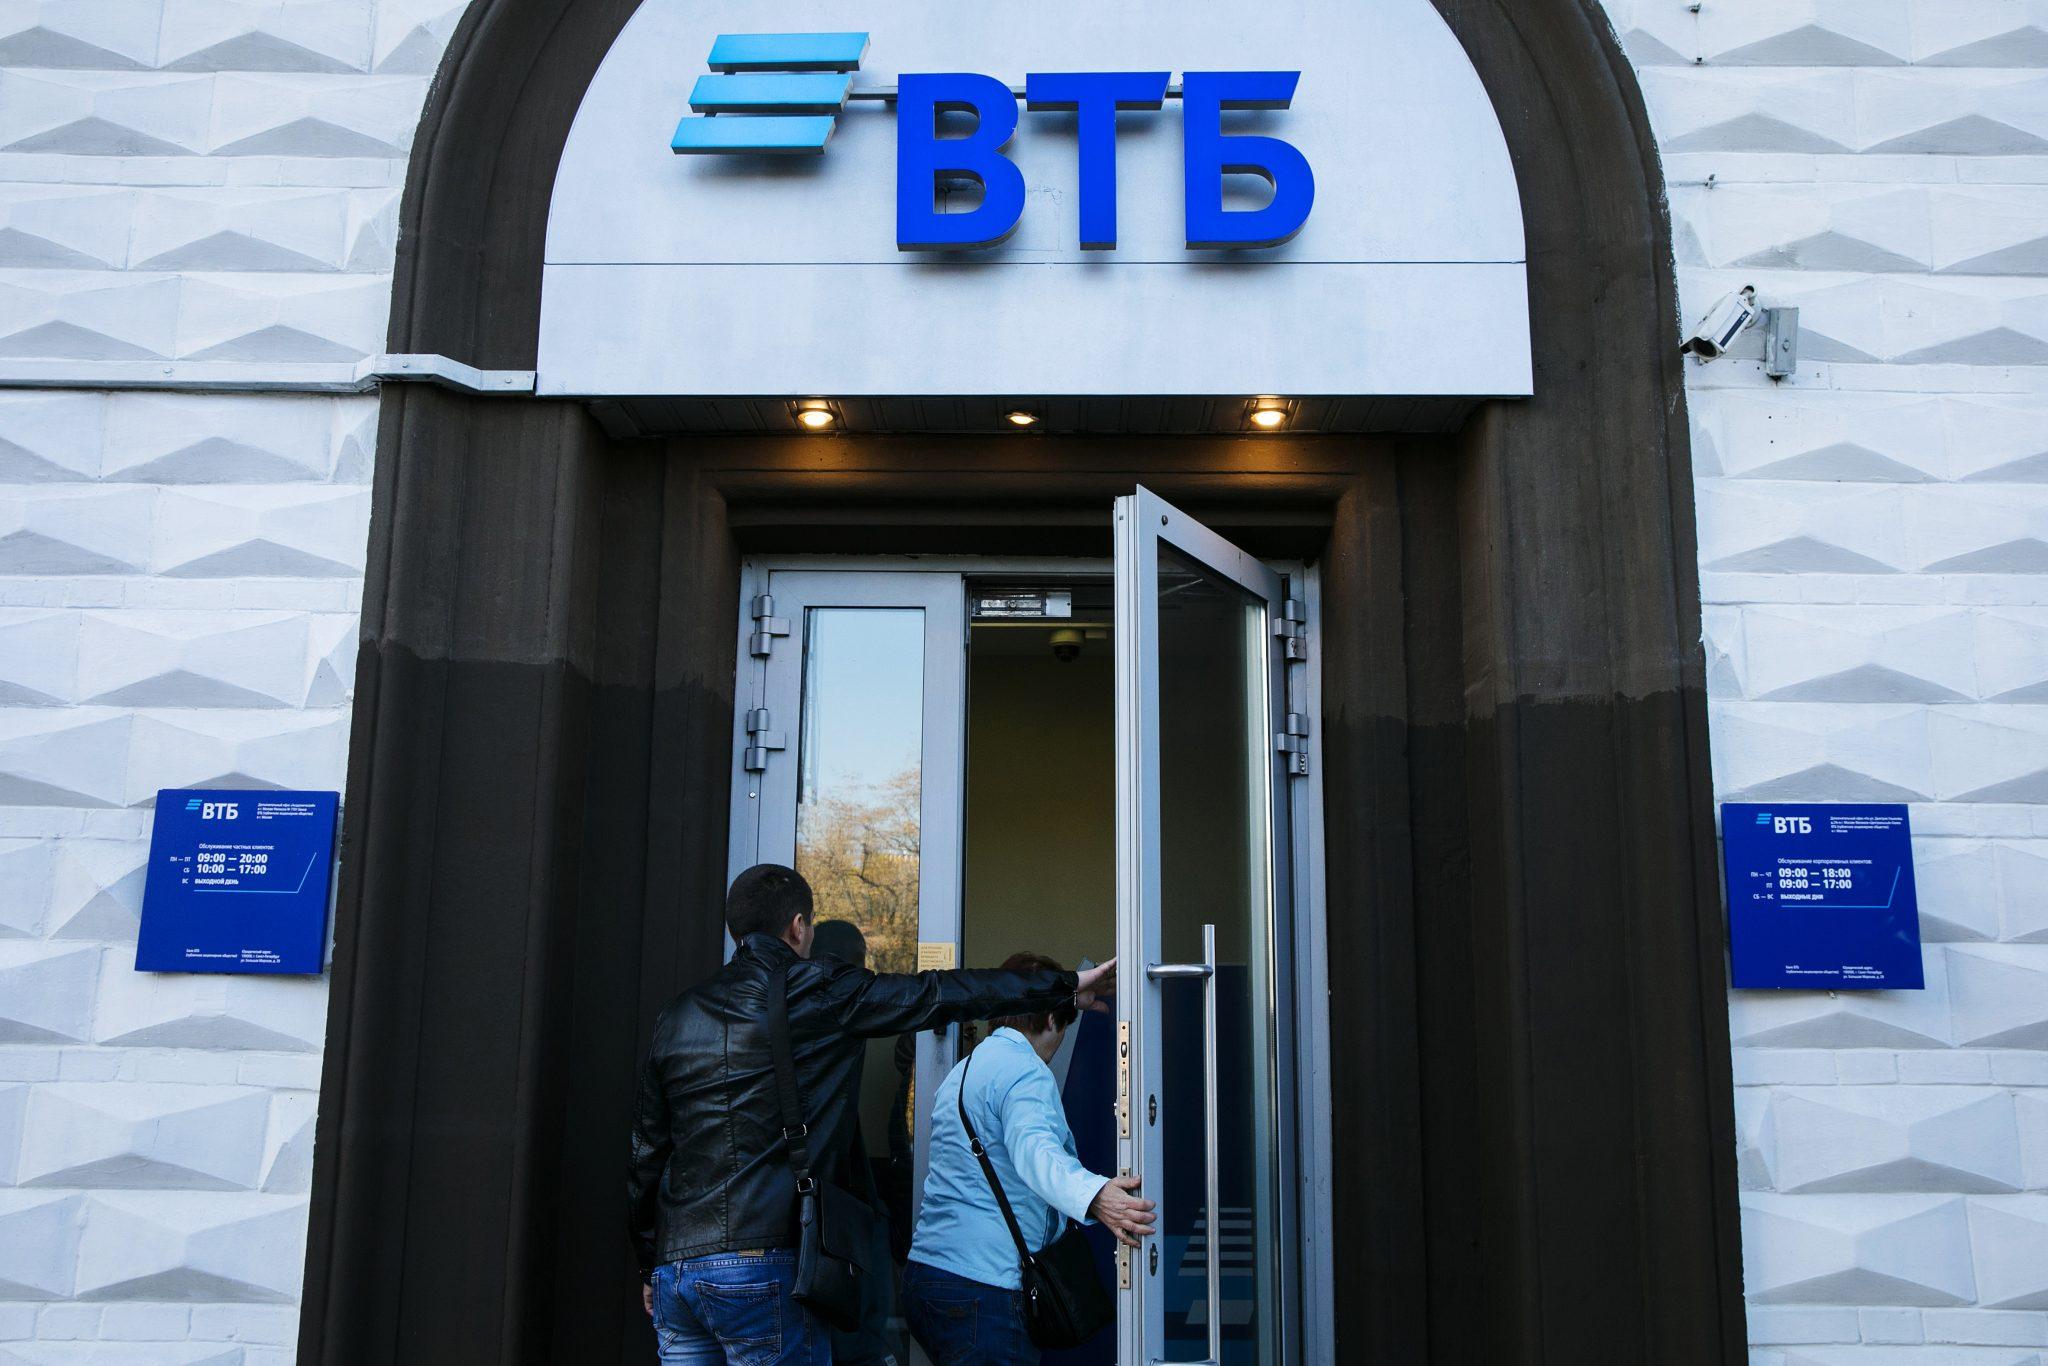 ВТБ Private Banking совместно с МГУ им М.В. Ломоносова запустили новый образовательный проект - новости Афанасий